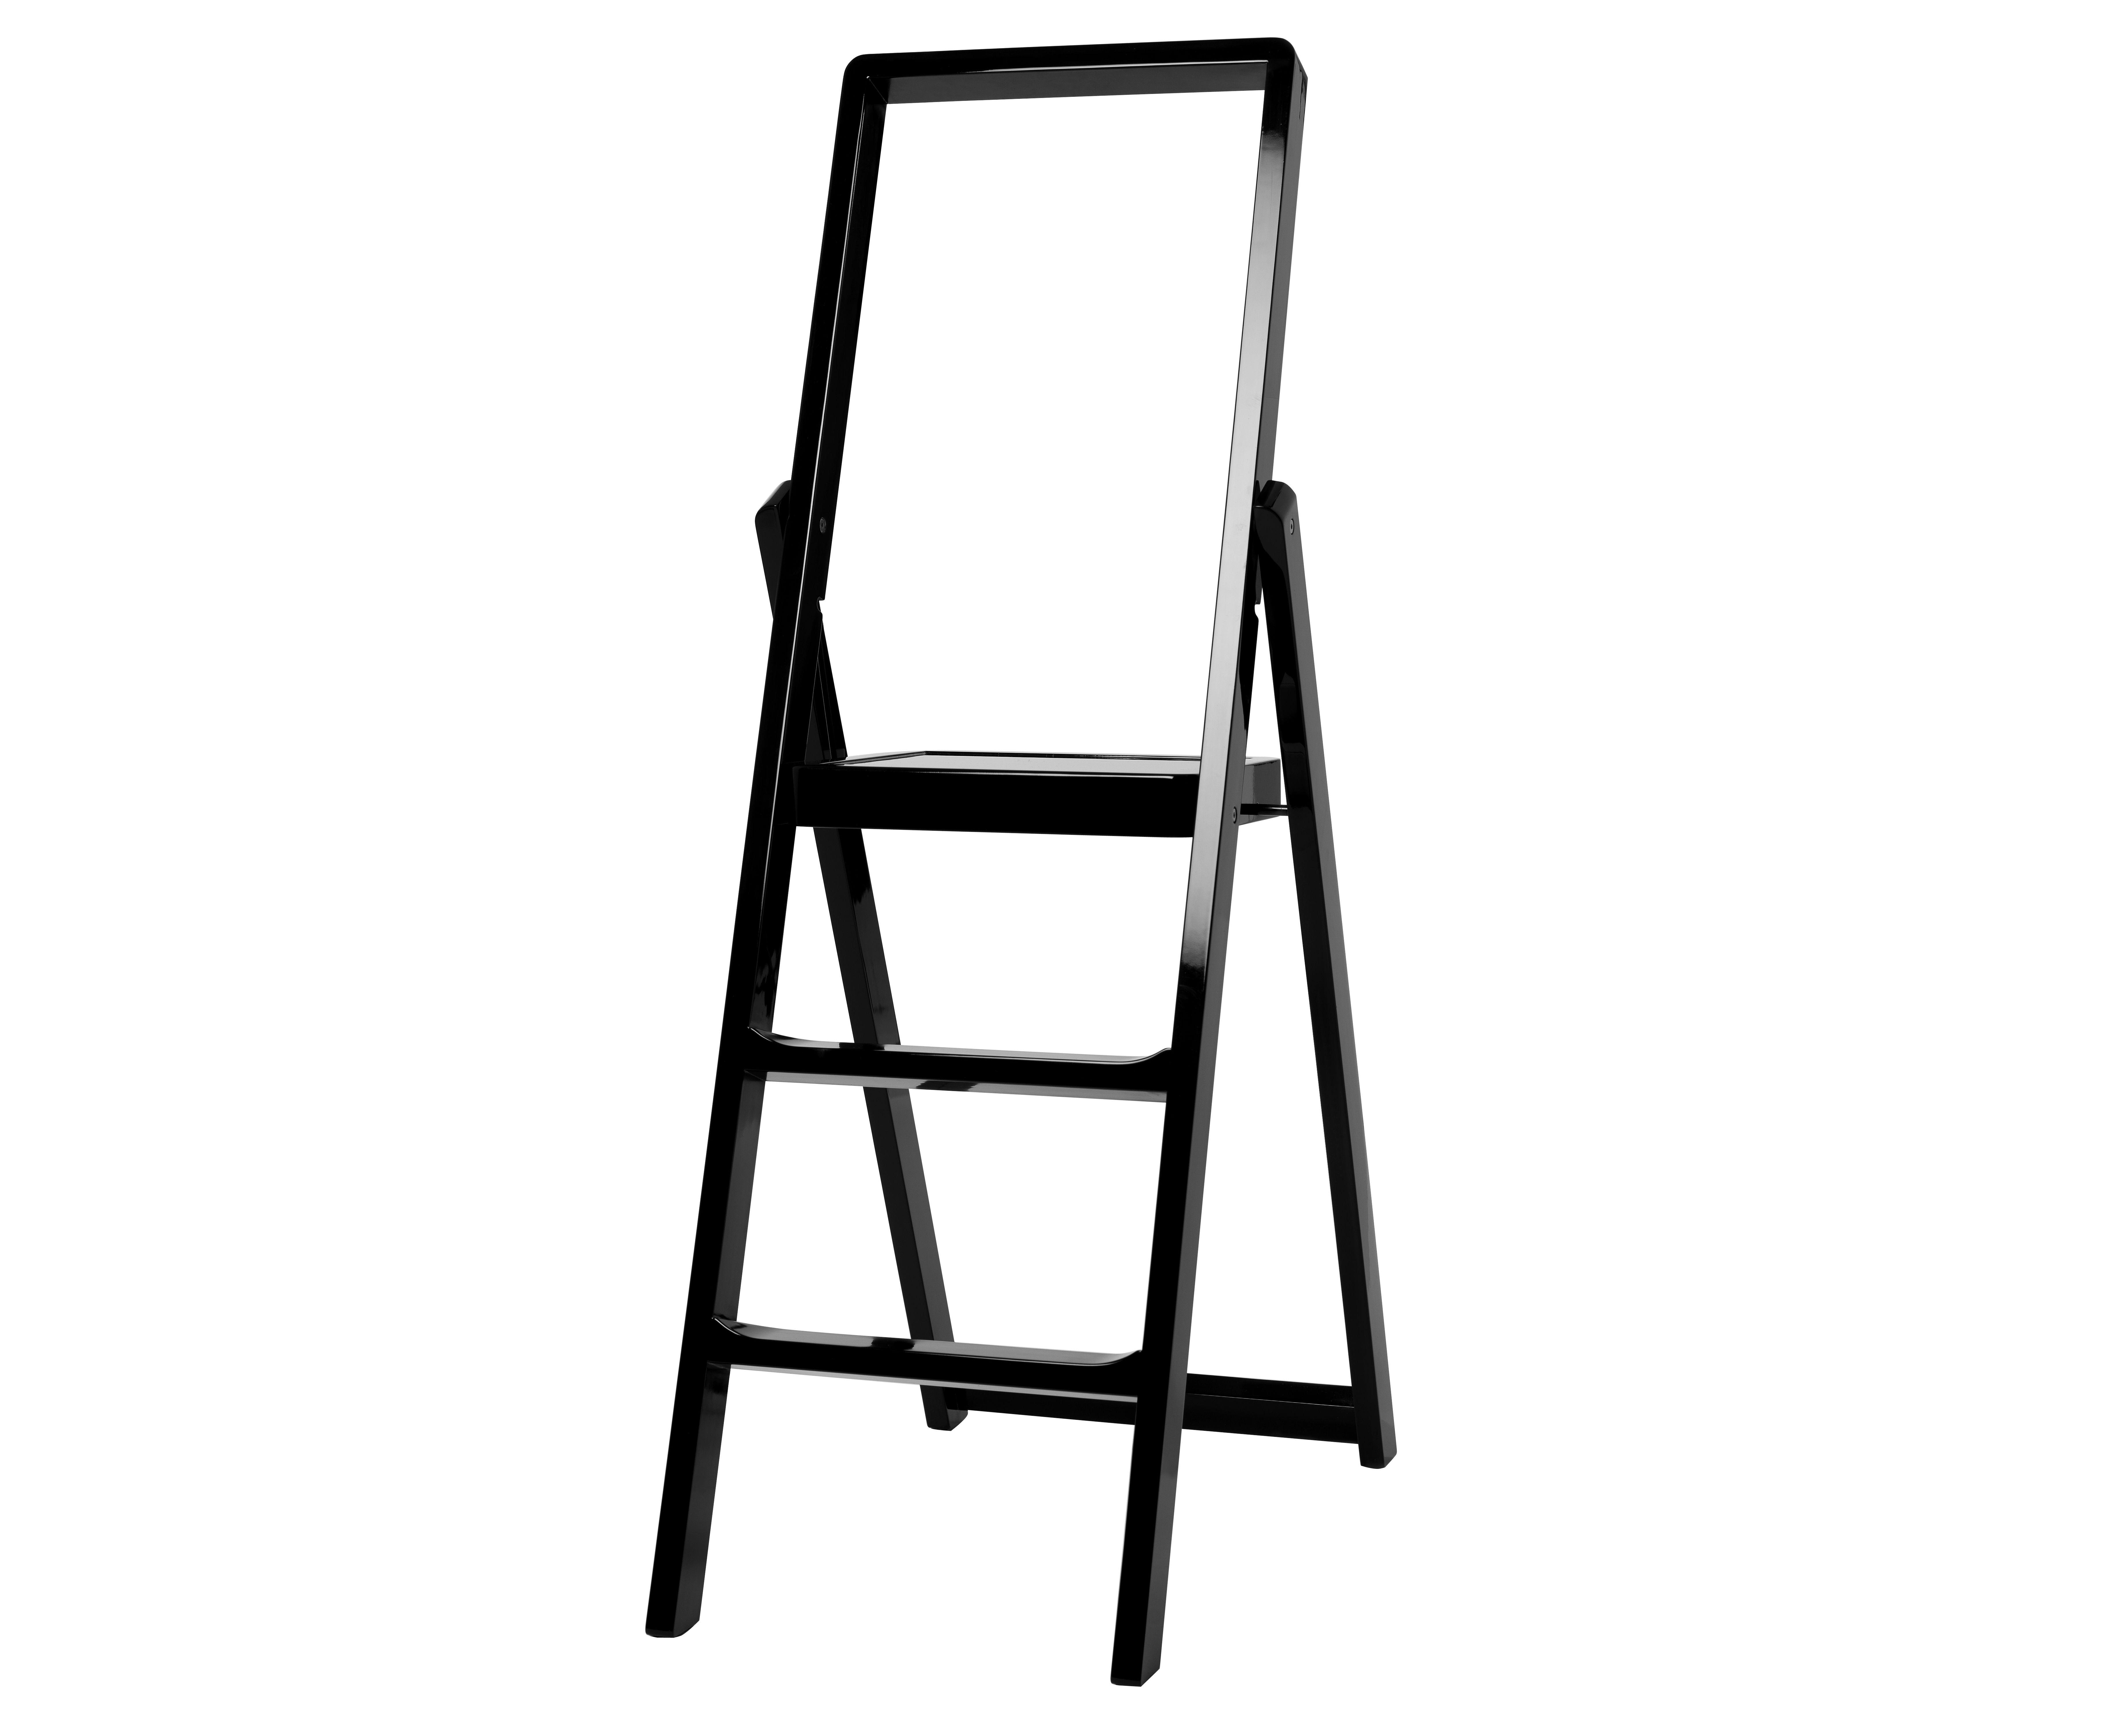 Arredamento - Complementi d'arredo - Scala Step - pieghevole di Design House Stockholm - Nero - Legno laccato